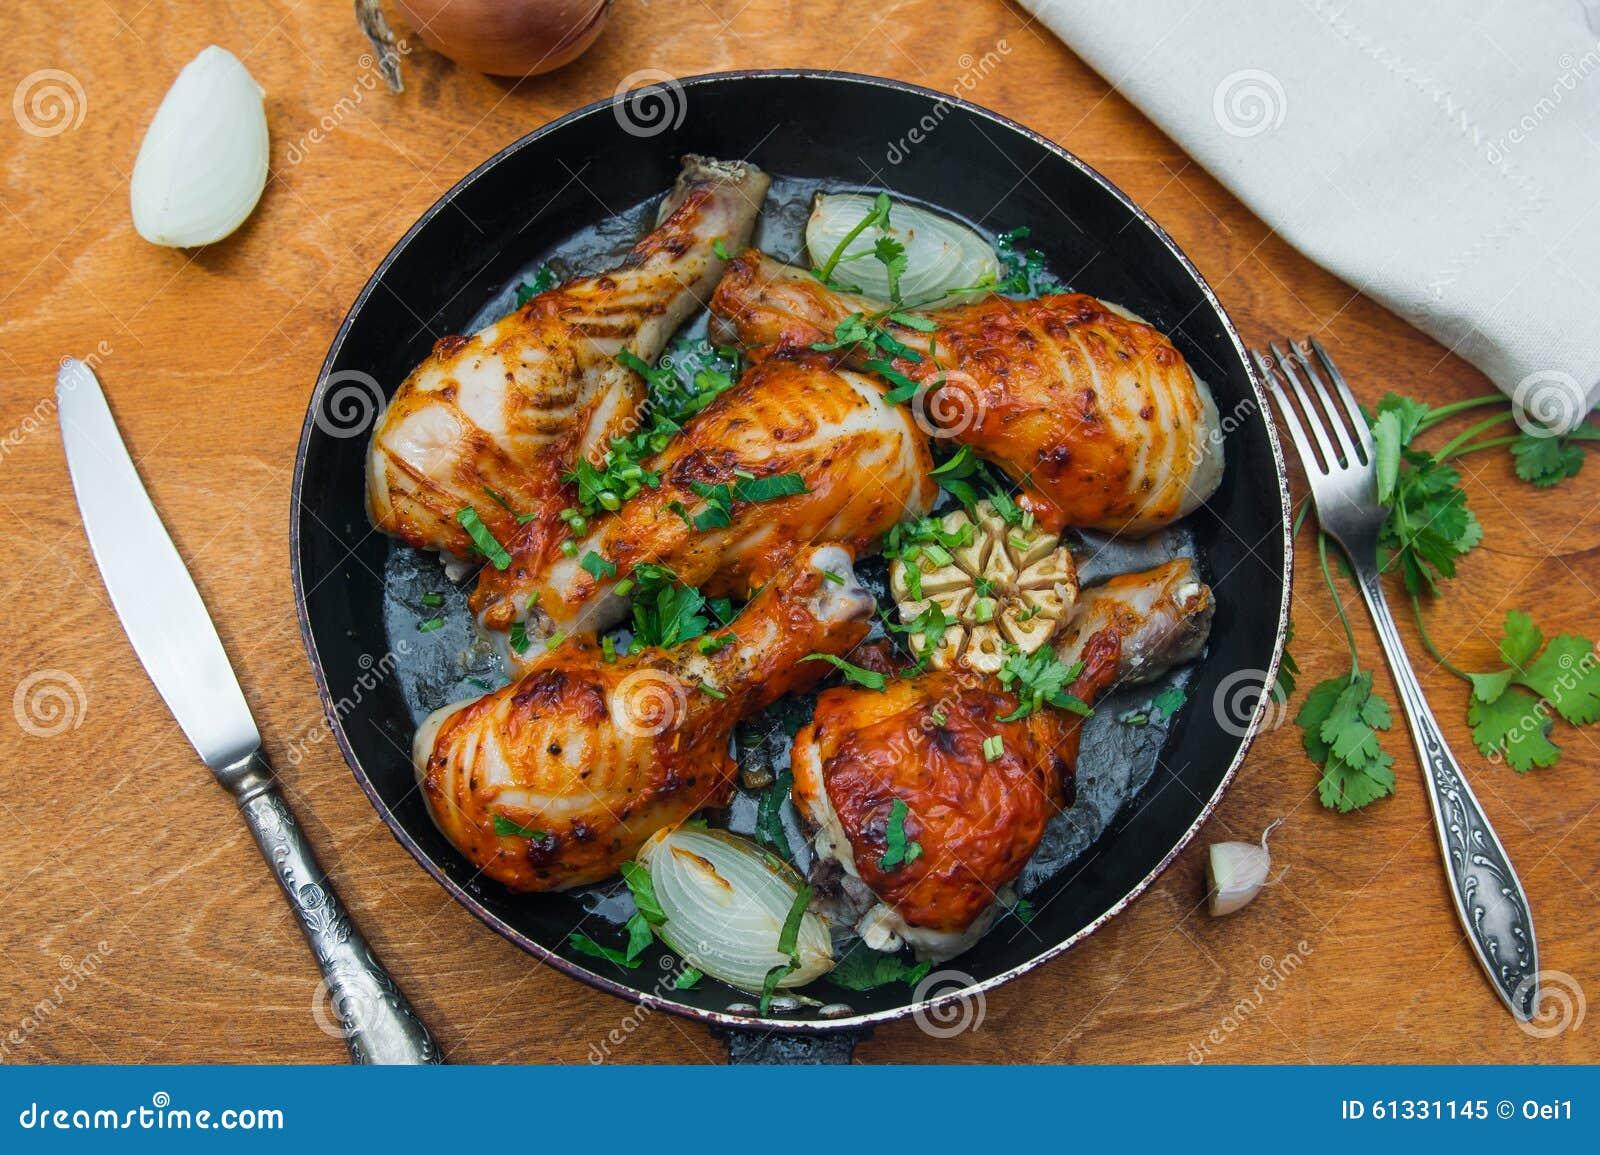 Pilon de poulet frit dans une po le photo stock image 61331145 - Pilon de poulet a la poele ...